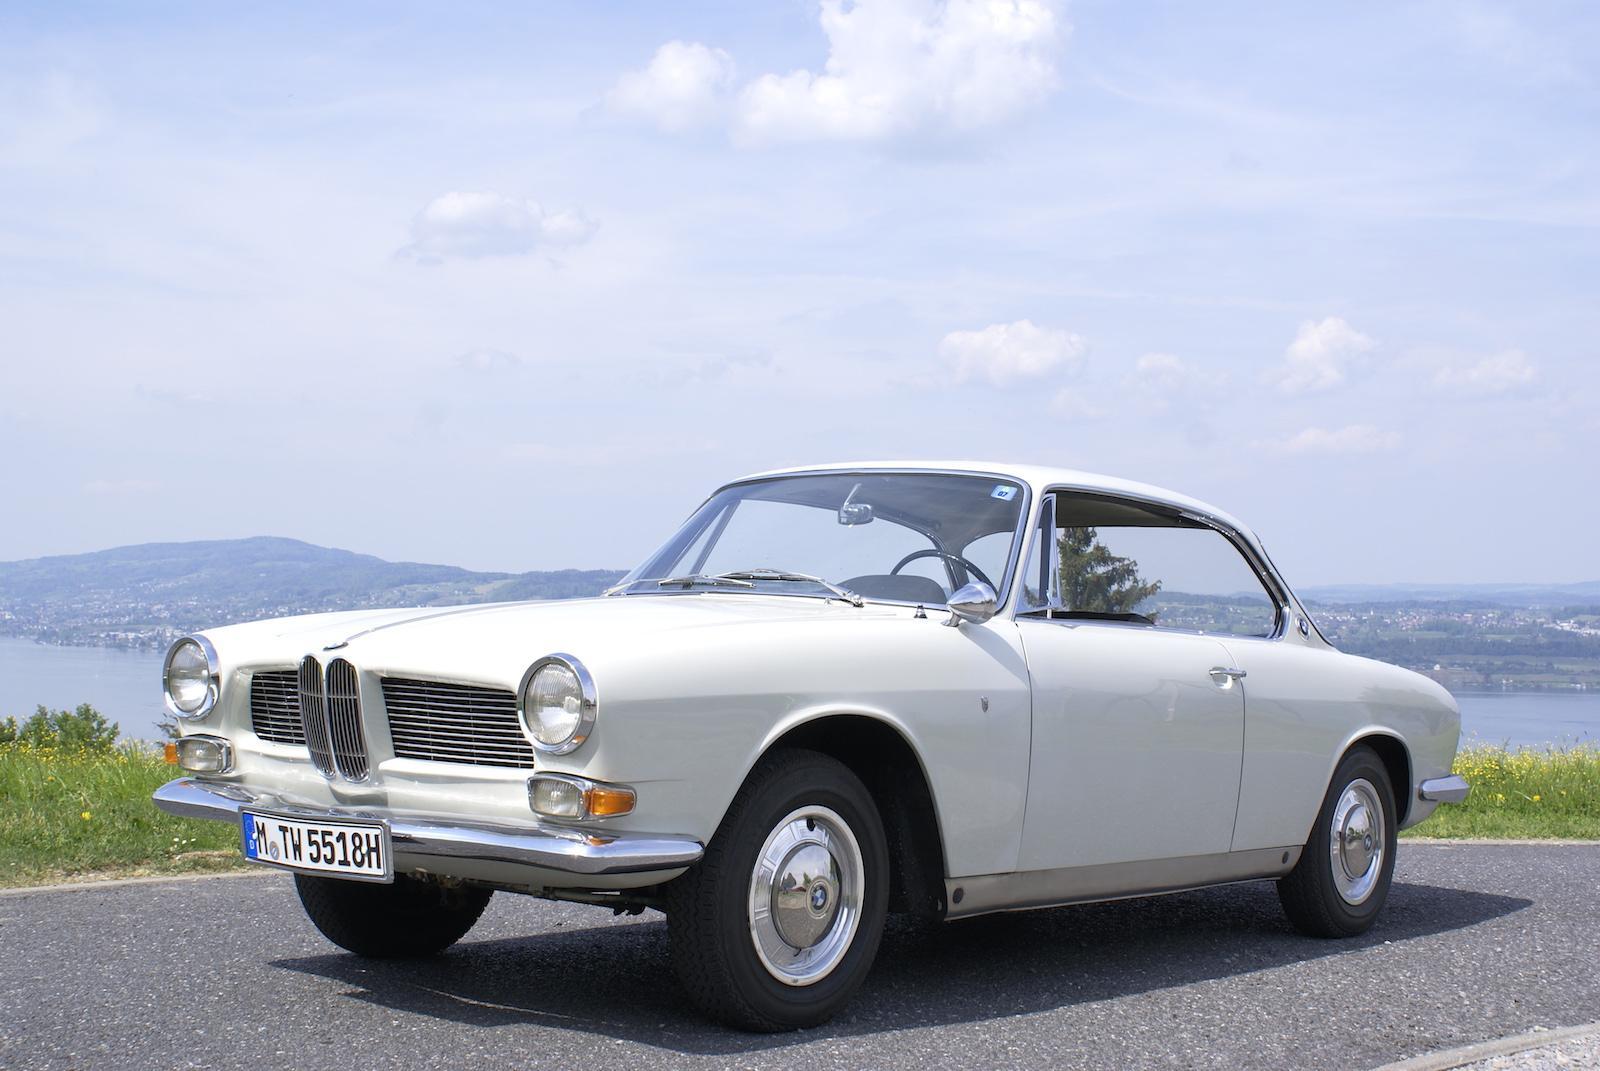 BMW 3200 CS Bertone: V8 beauty or a beast? | Autoclassics.com